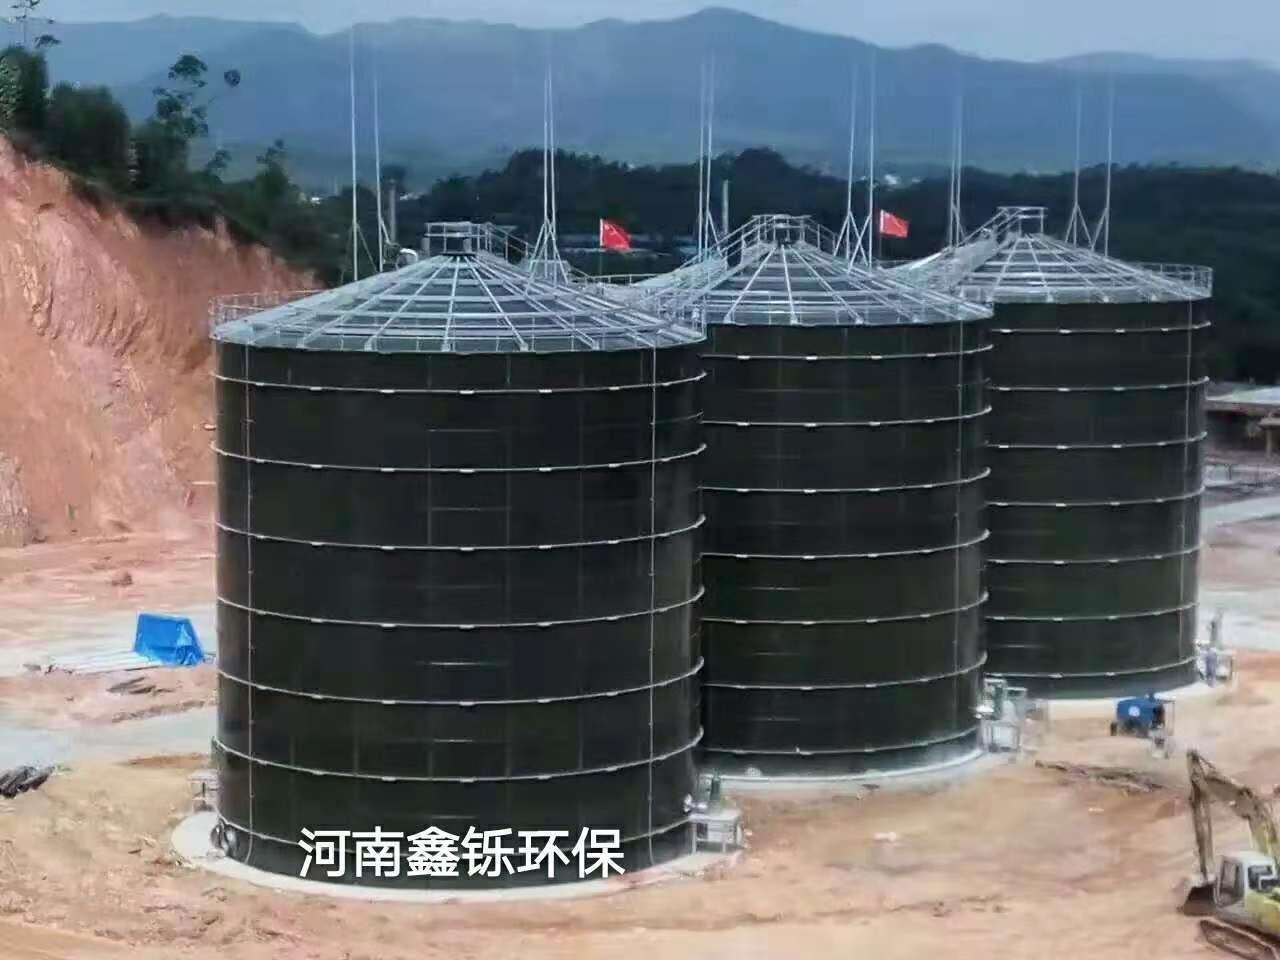 石家莊USR厭氧反應器生產商 鑫鑠環保